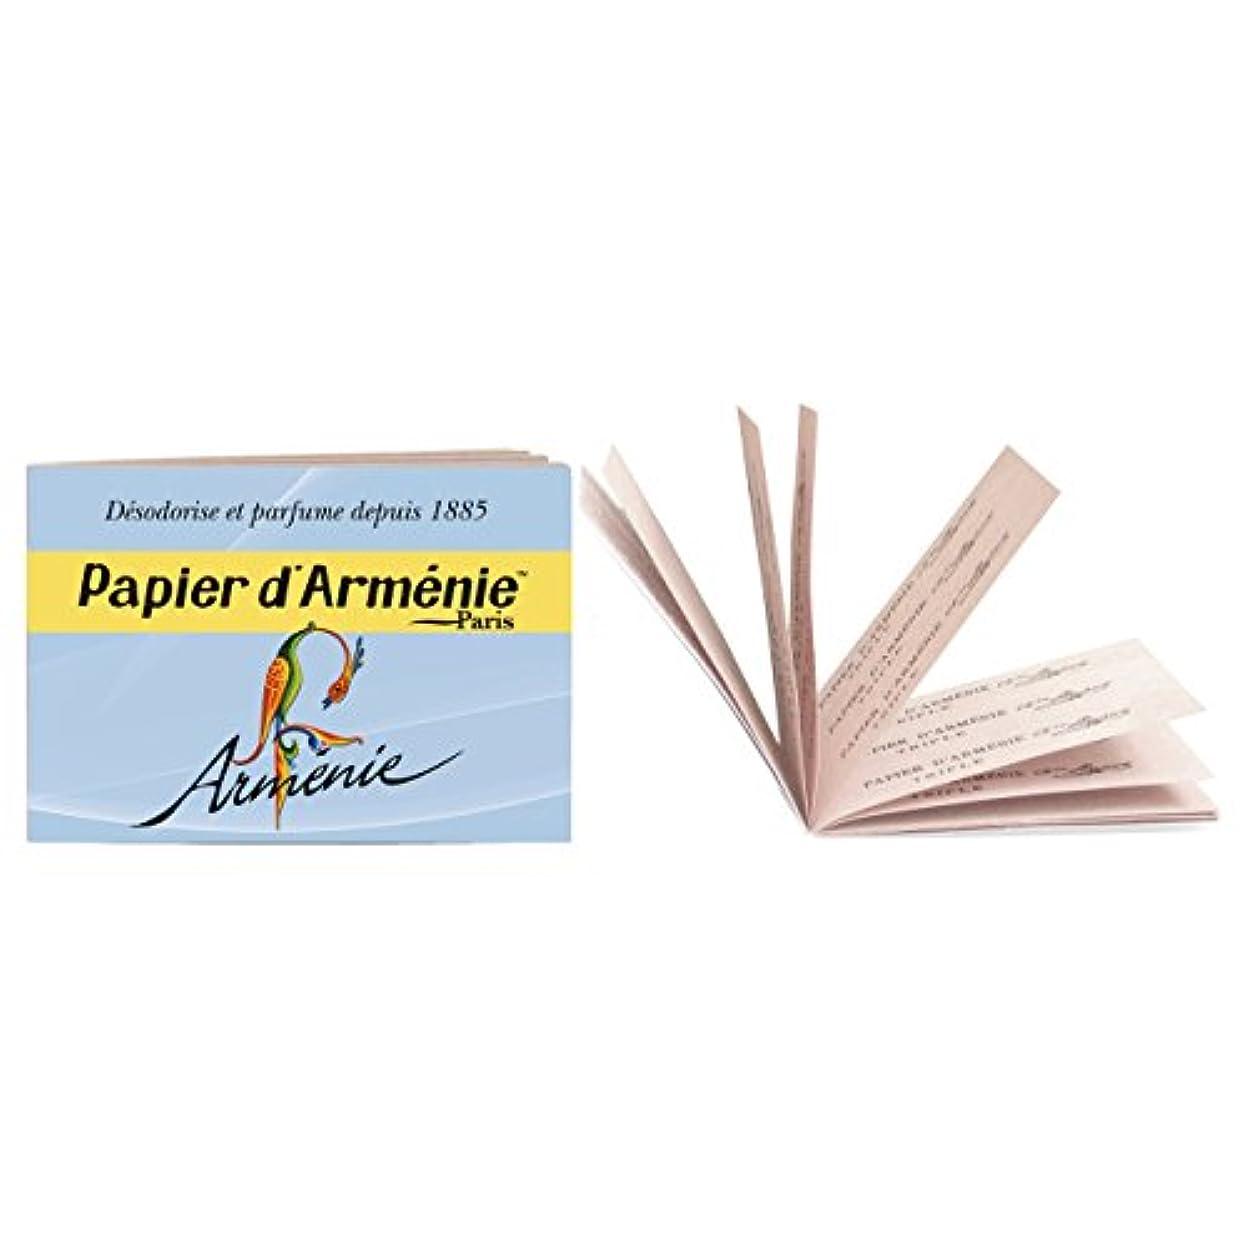 鮮やかな科学表面的なパピエダルメニイ トリプル アルメニイ (紙のお香 3×12枚/36回分)